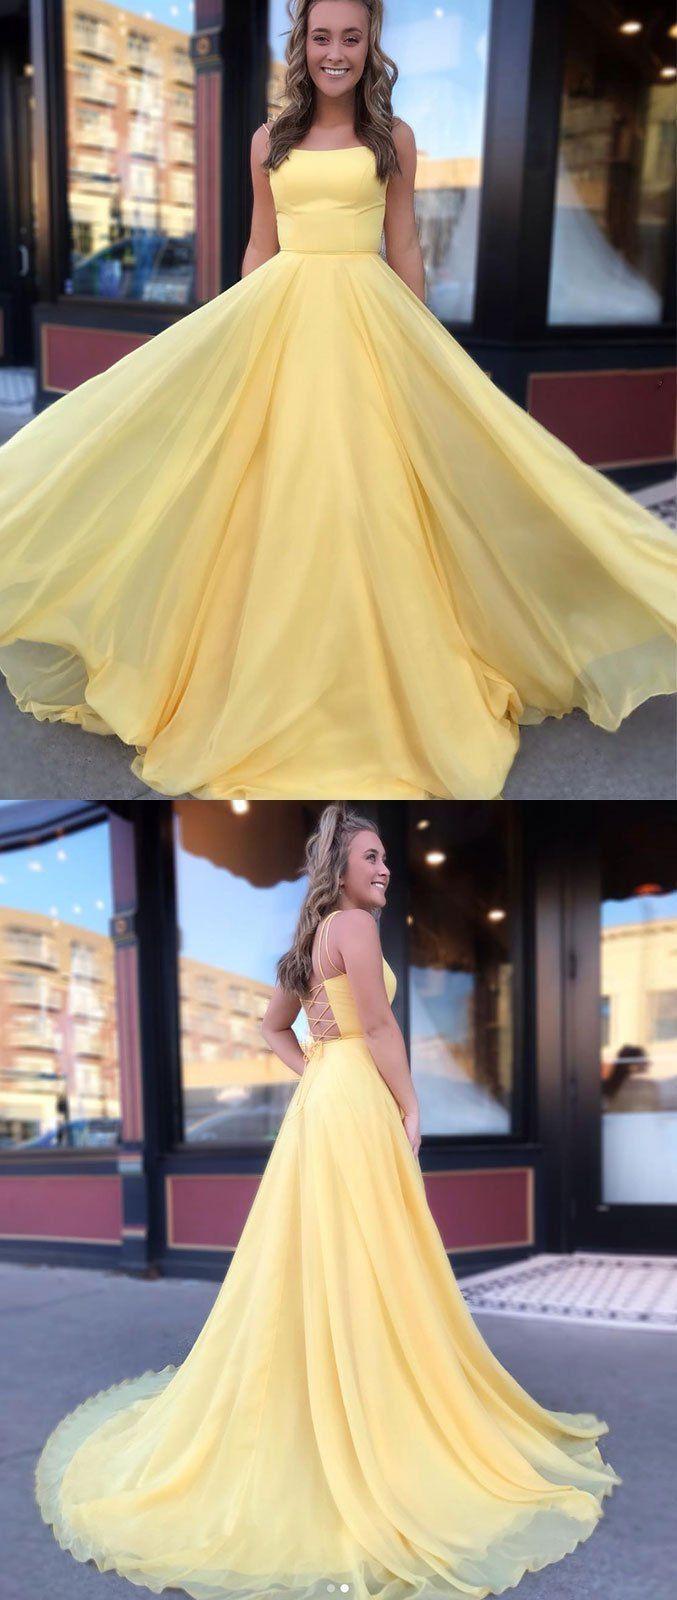 Abend Schön Gelbes Abendkleid Design20 Elegant Gelbes Abendkleid für 2019